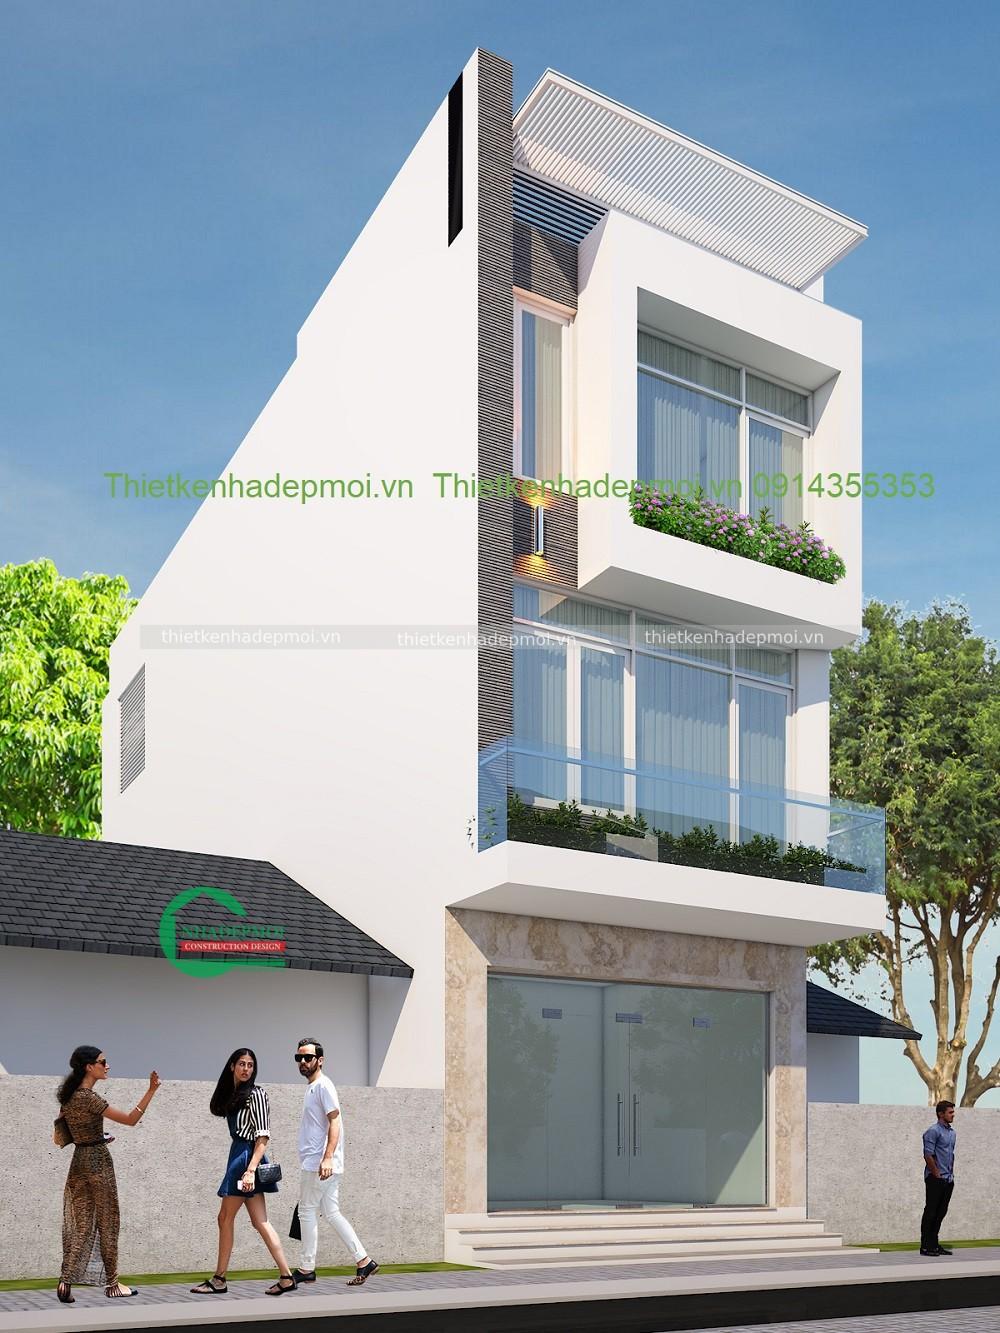 Mẫu nhà phố đẹp 3 tầng mái bằng bê tông 1